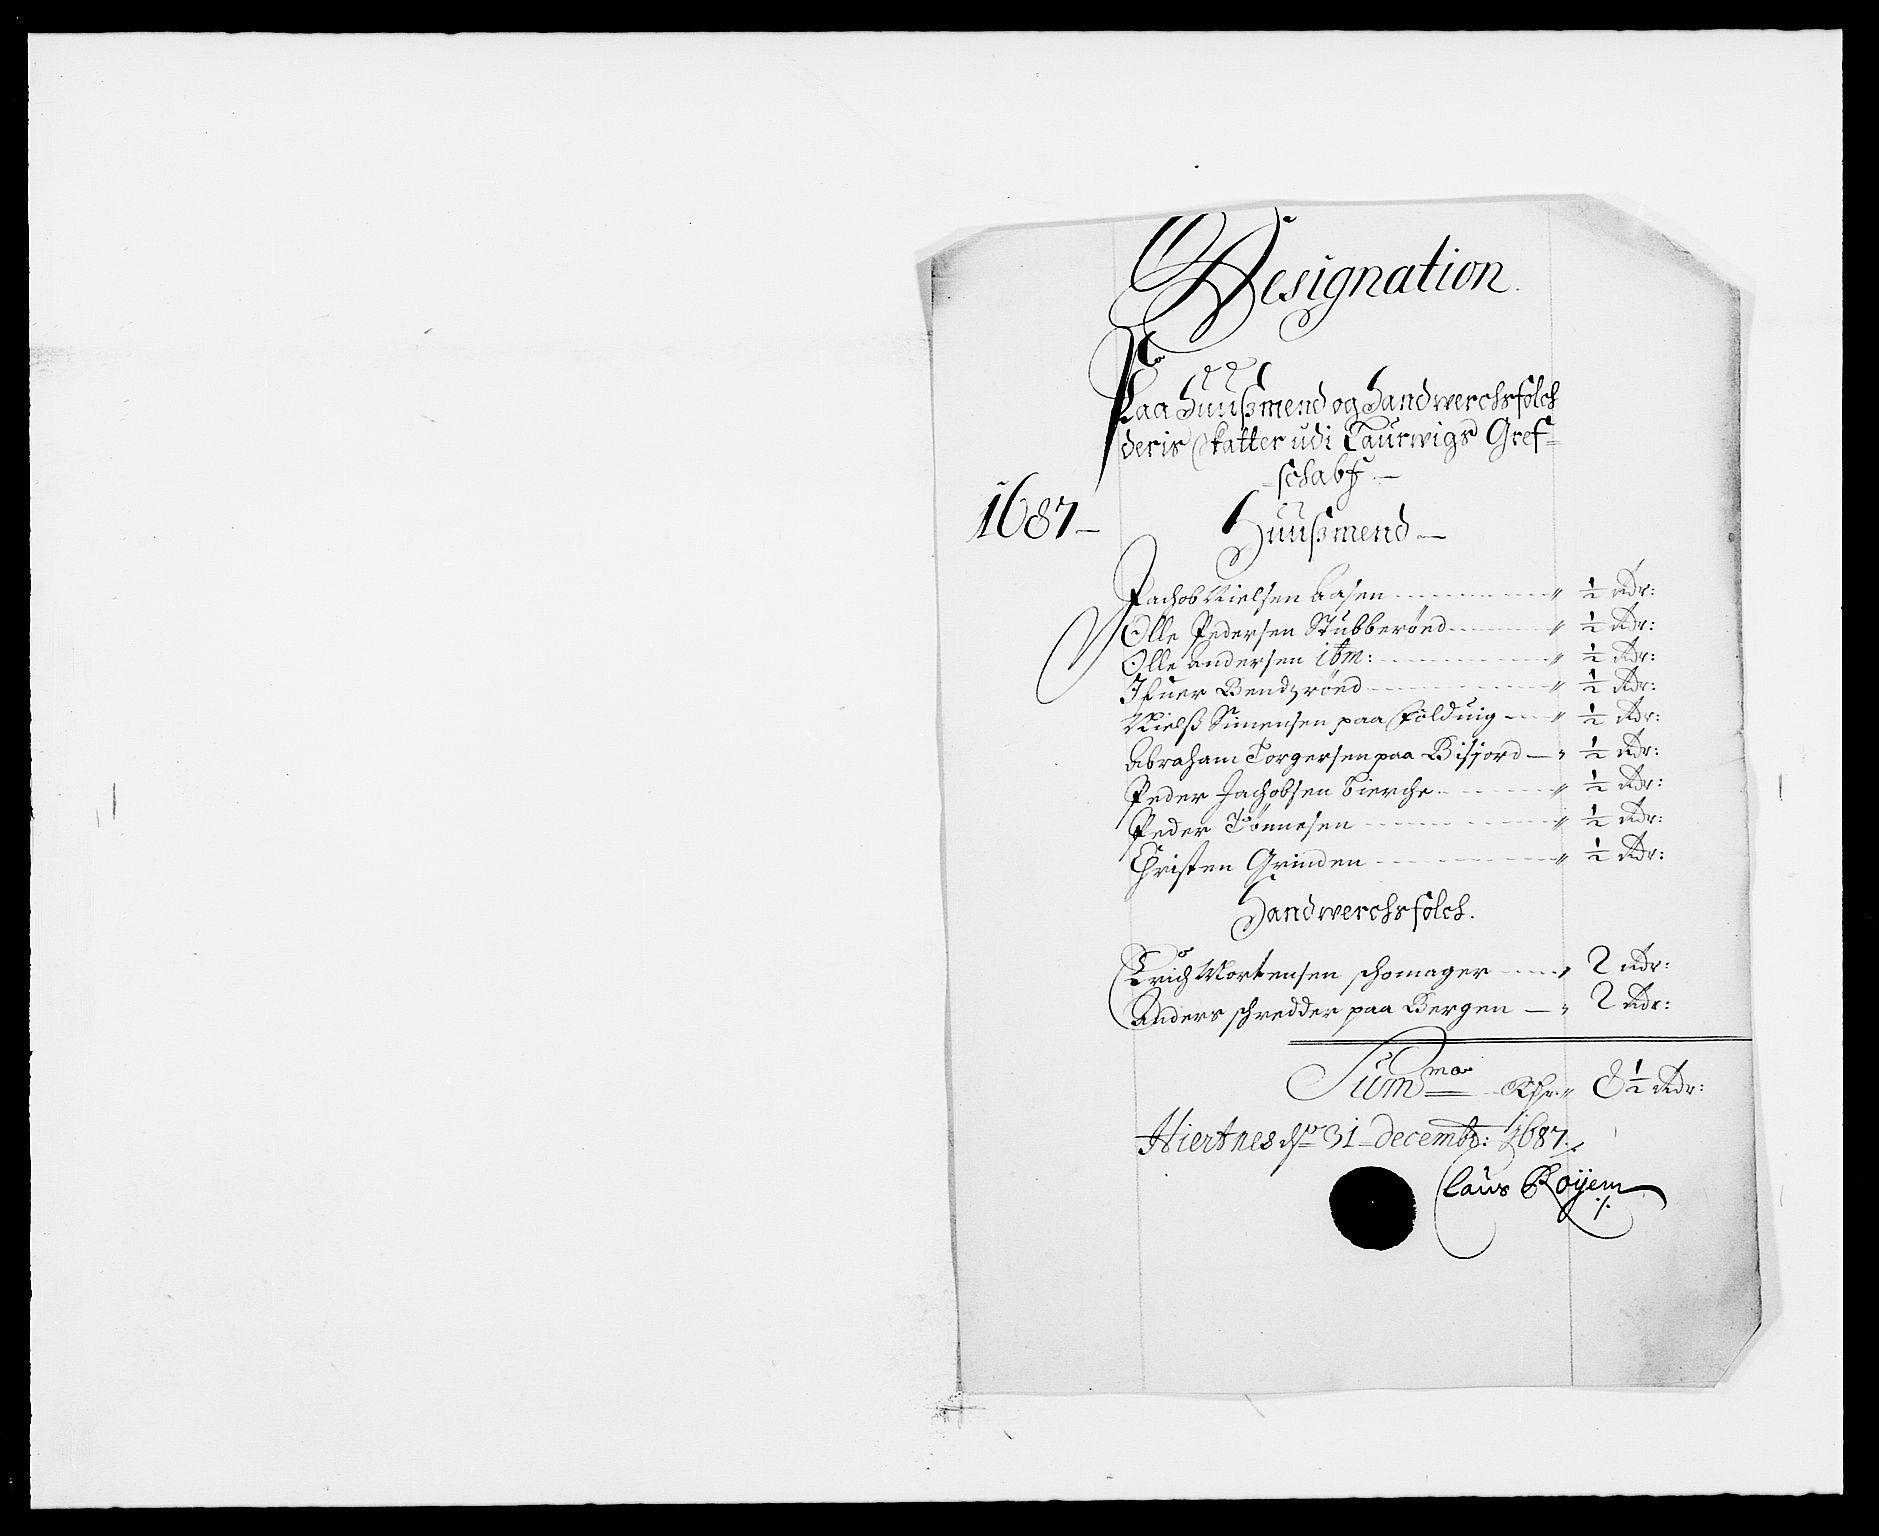 RA, Rentekammeret inntil 1814, Reviderte regnskaper, Fogderegnskap, R33/L1970: Fogderegnskap Larvik grevskap, 1675-1687, s. 401